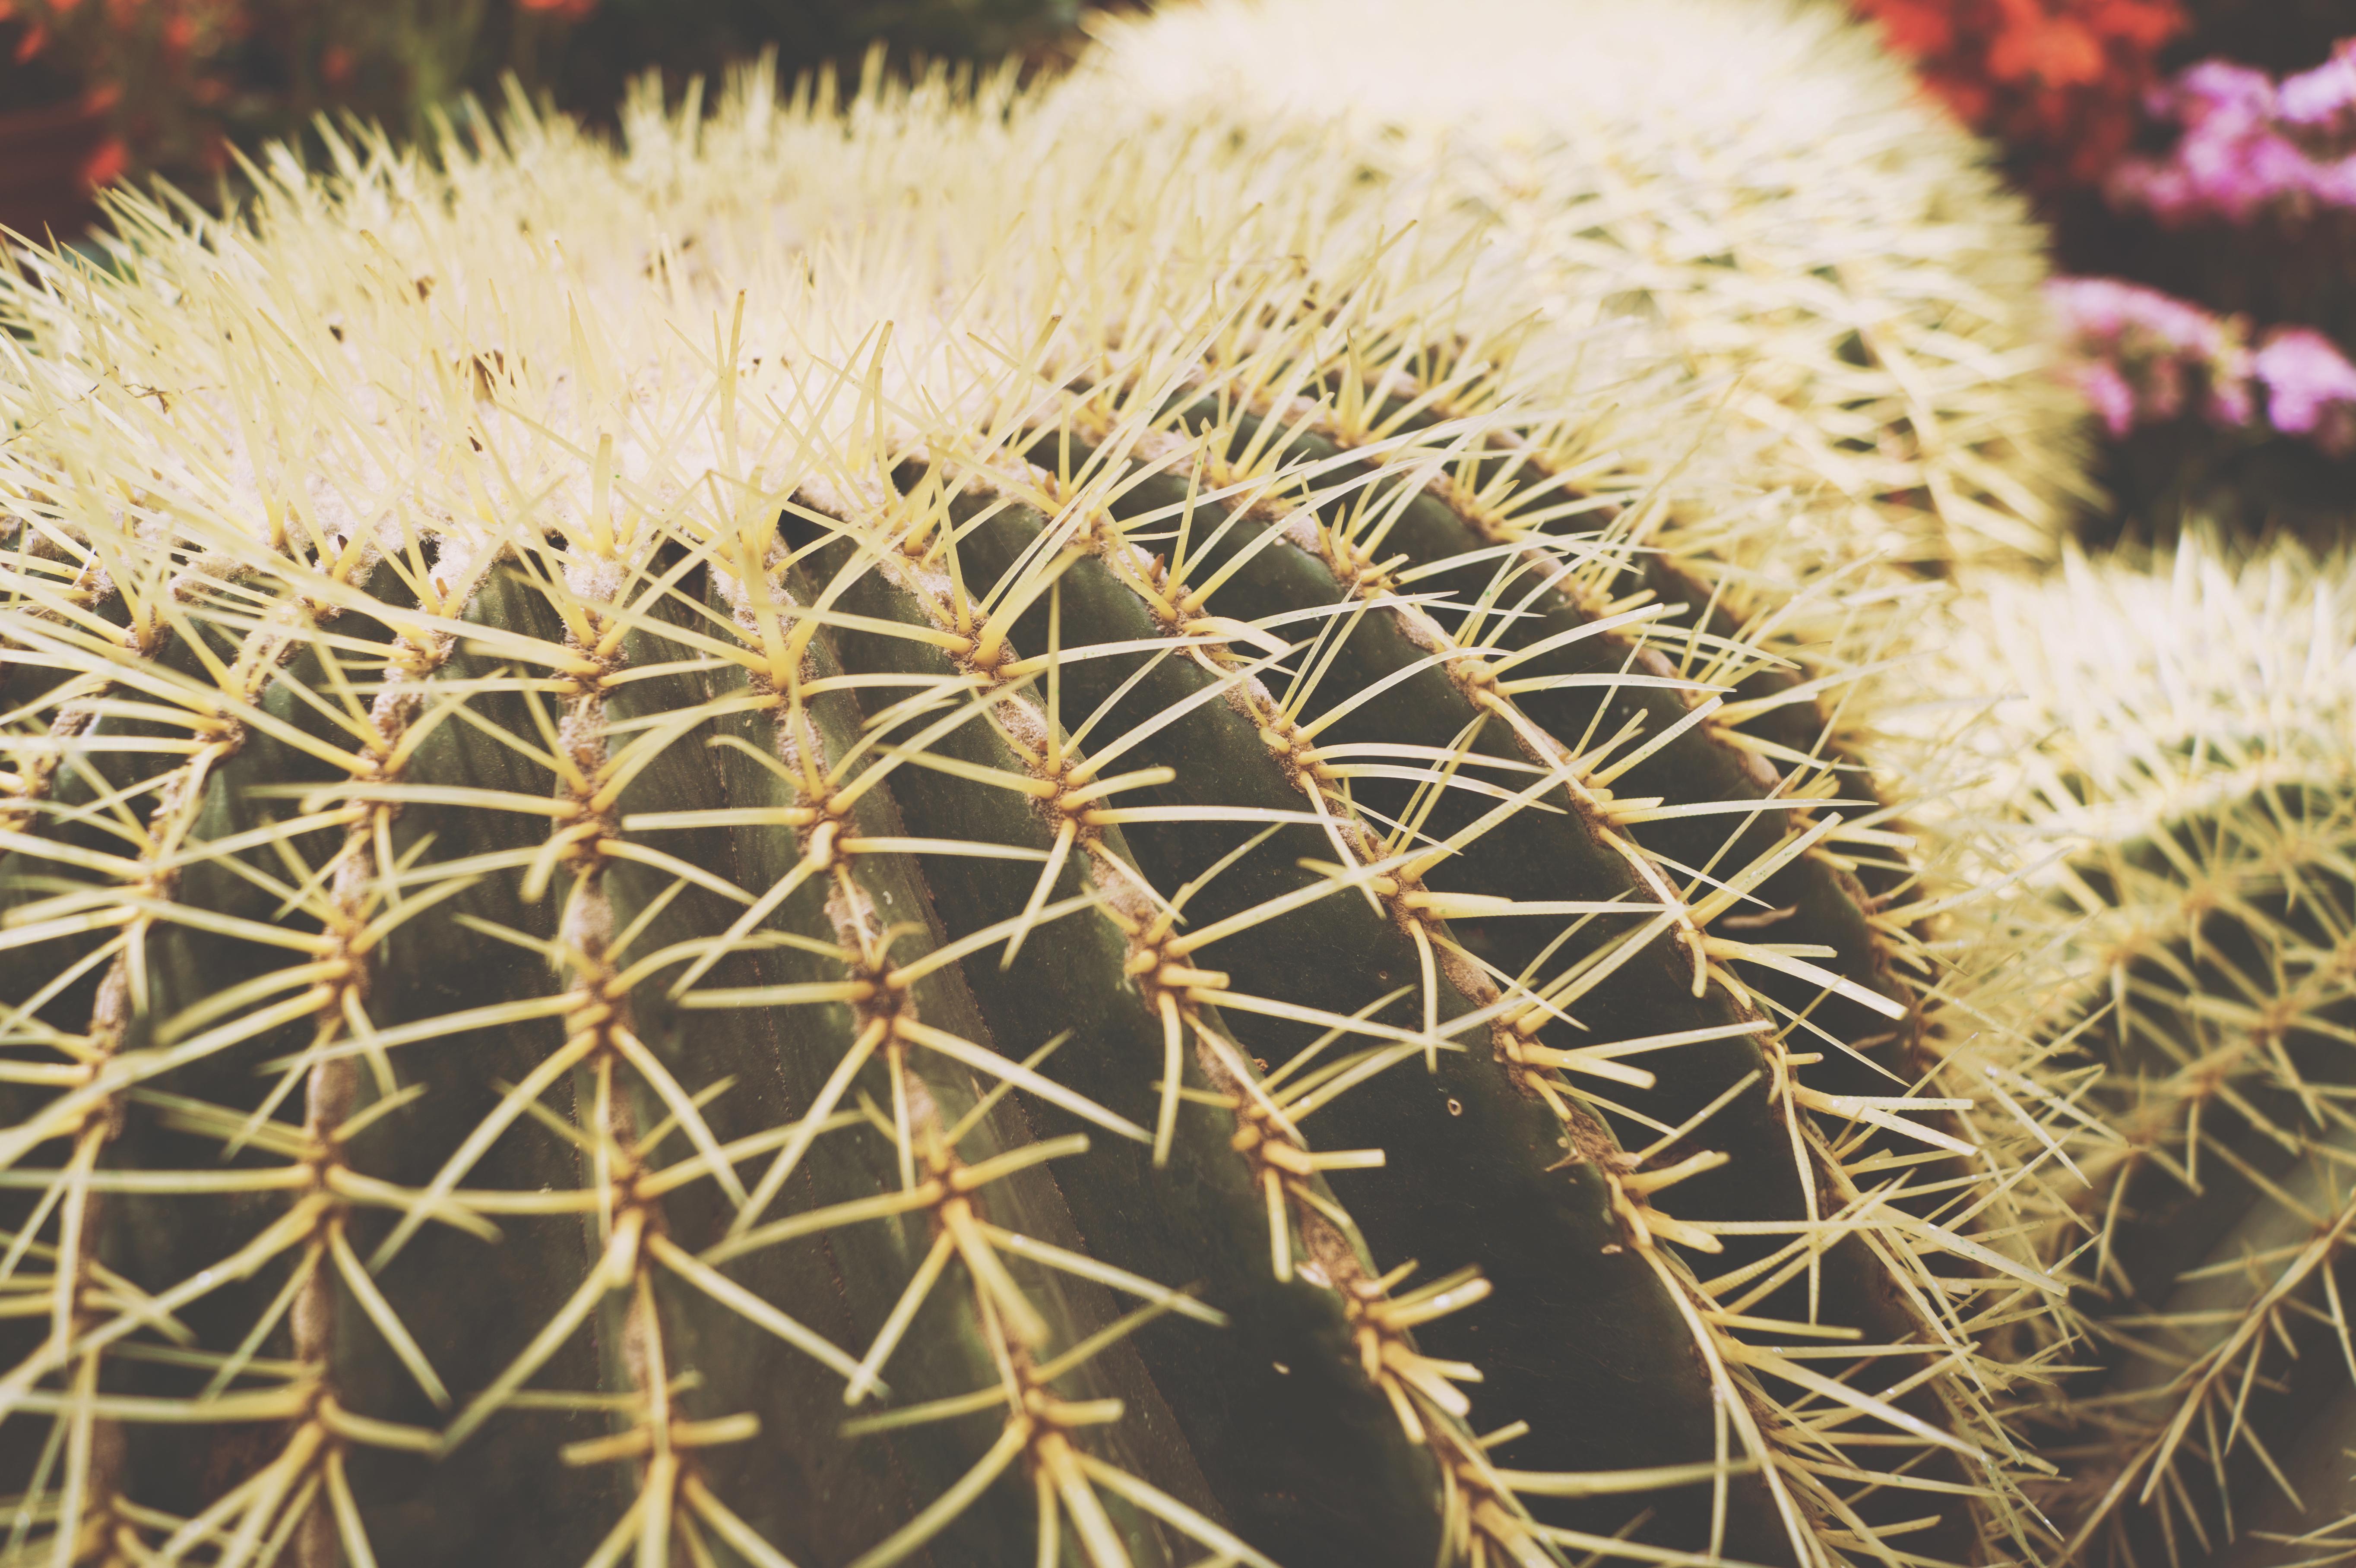 Close Up Shot Of Cactus